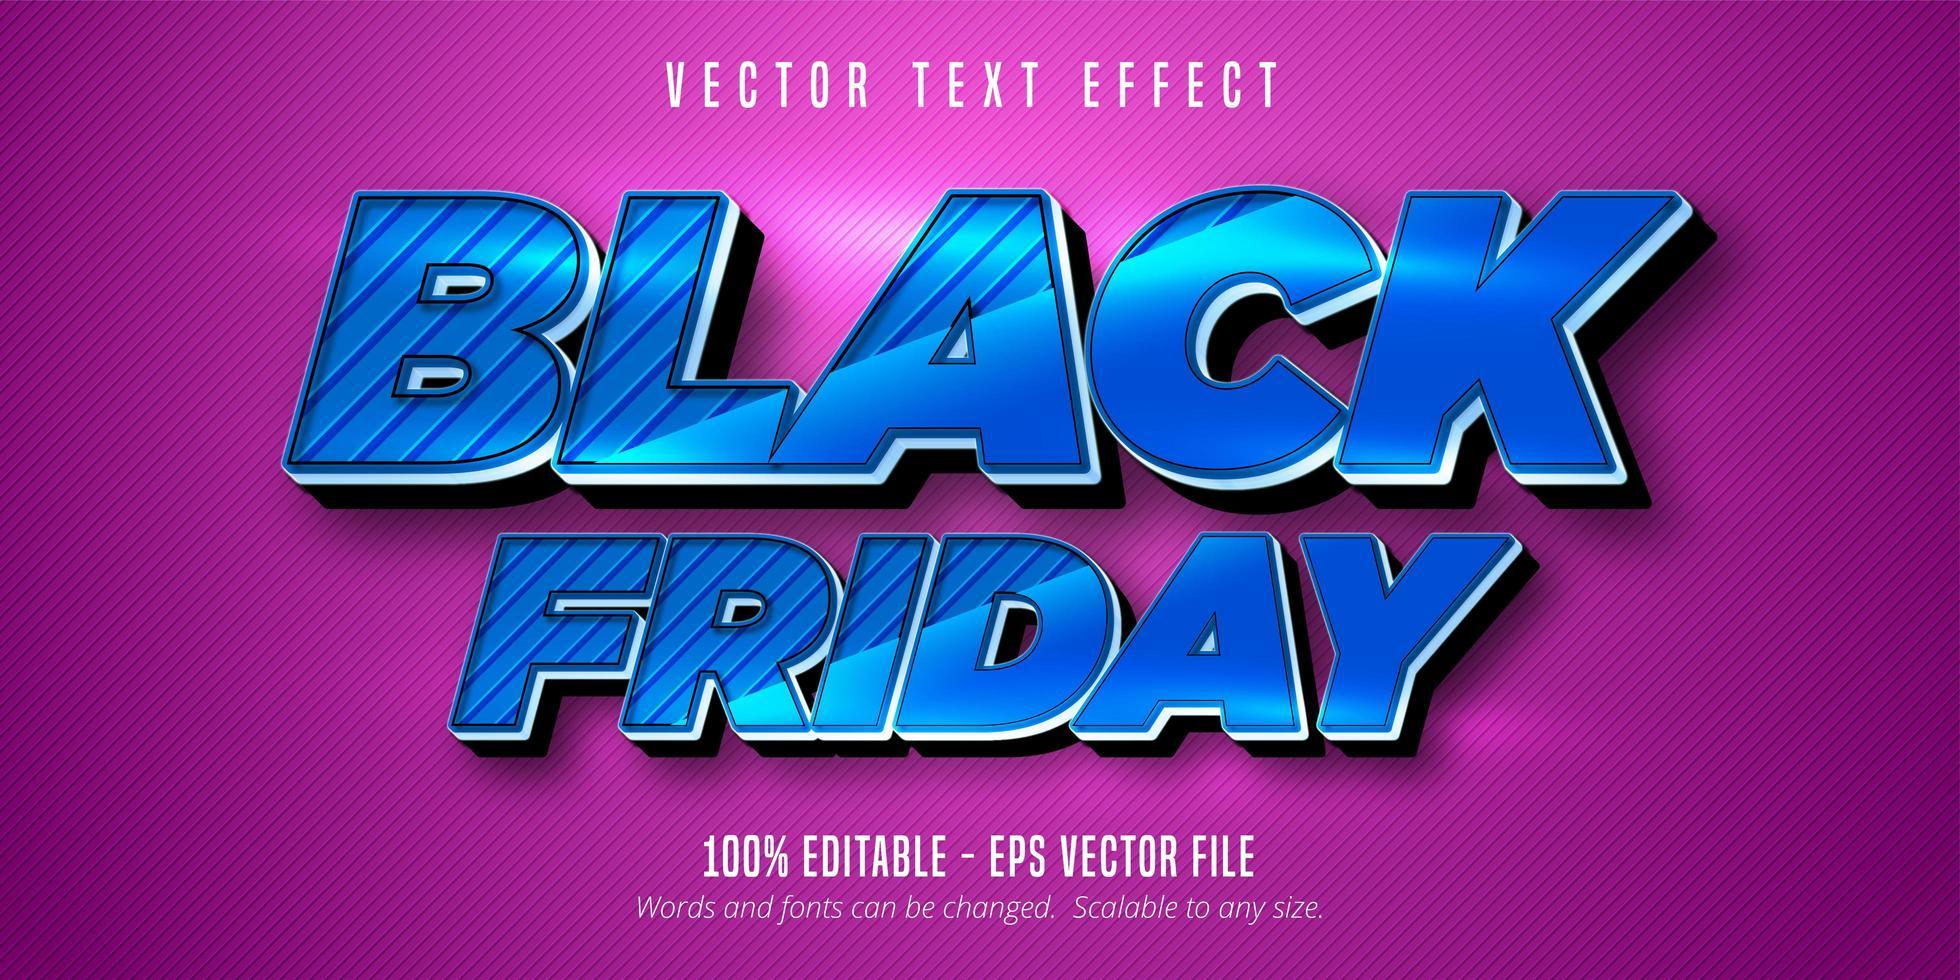 effetto di testo modificabile venerdì nero blu metallizzato vettore